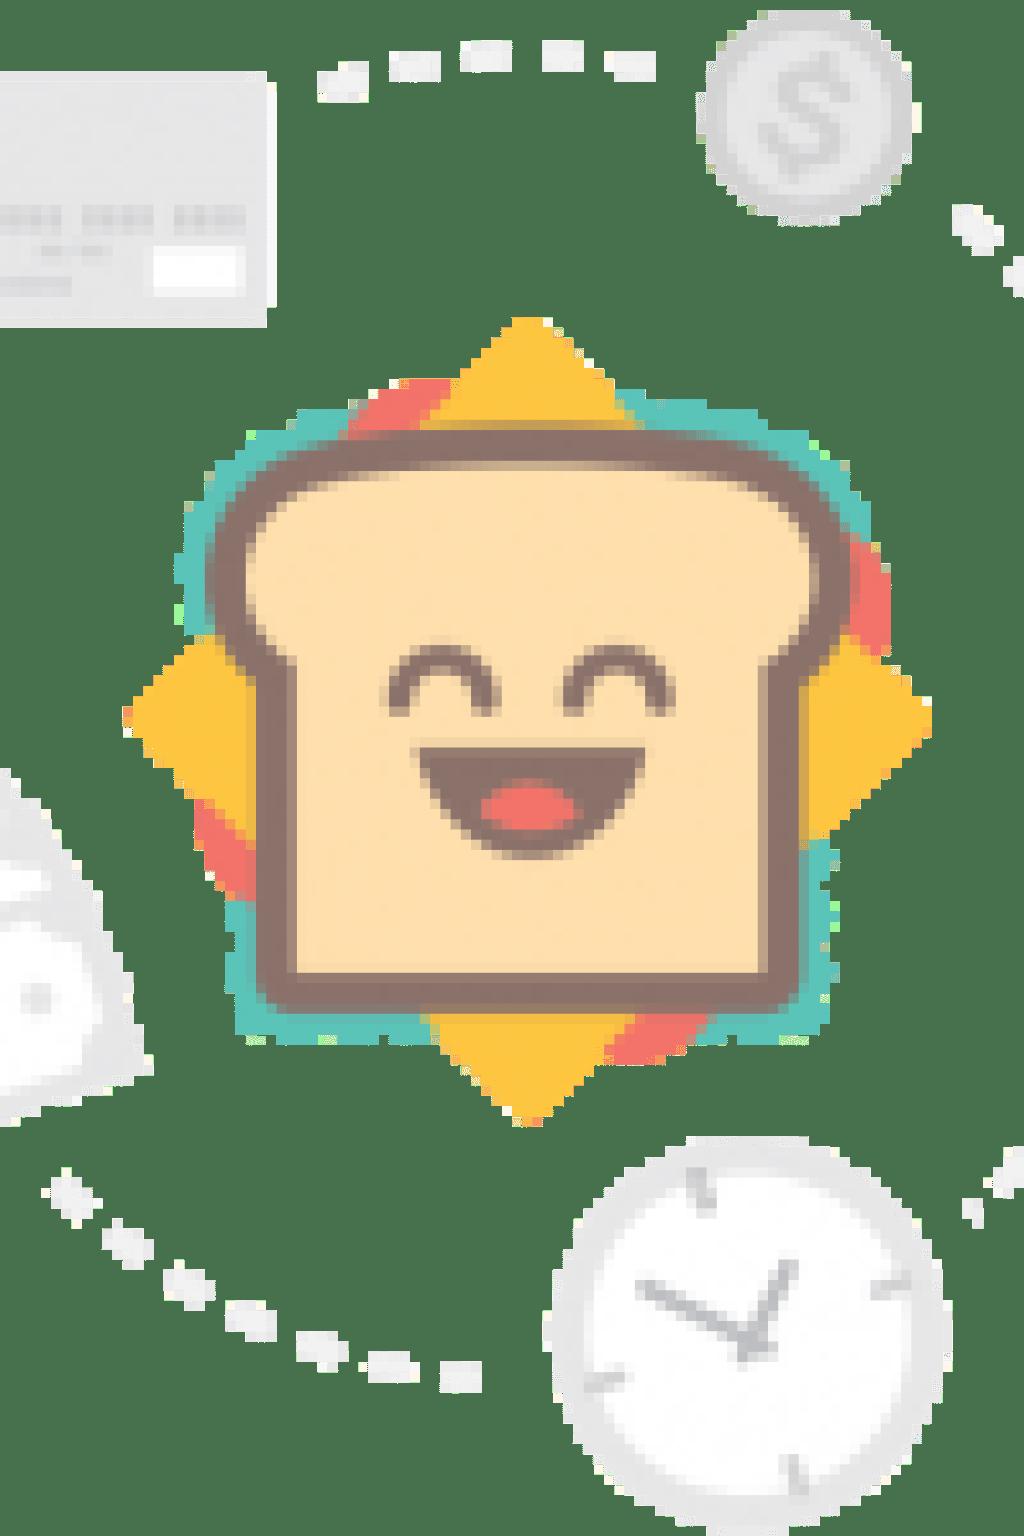 sunrise beach look thailand island holidays ootd beach hair style blonde girl hm sheer dress